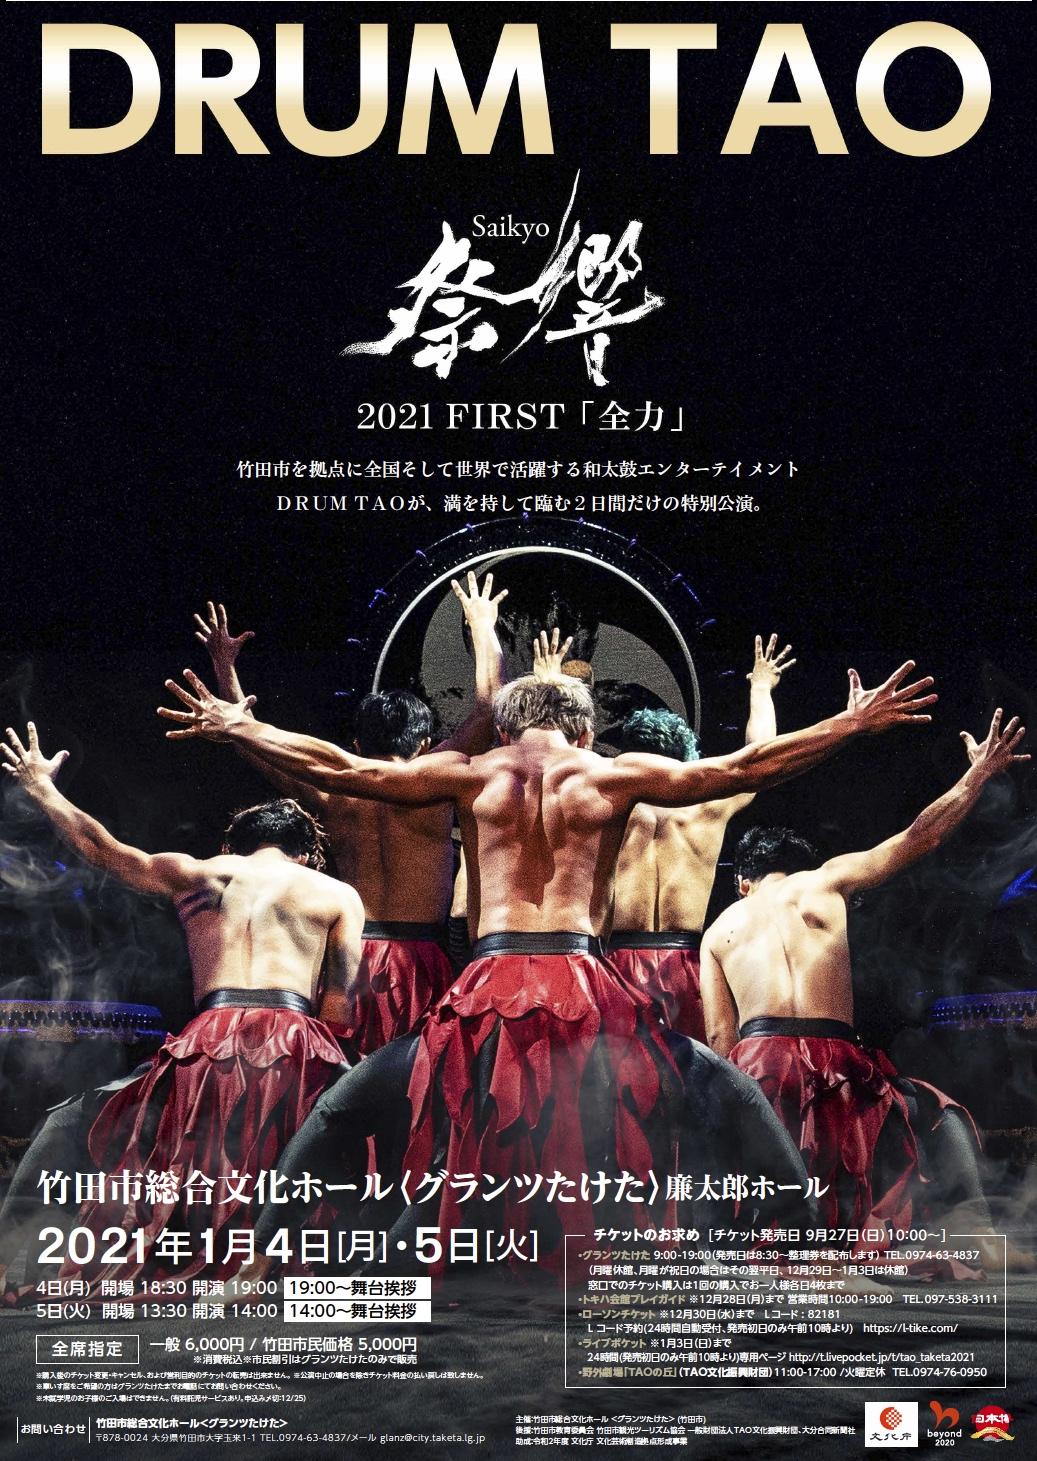 DRUM TAO 祭響 2021 FIRST「全力」  1月5日昼公演